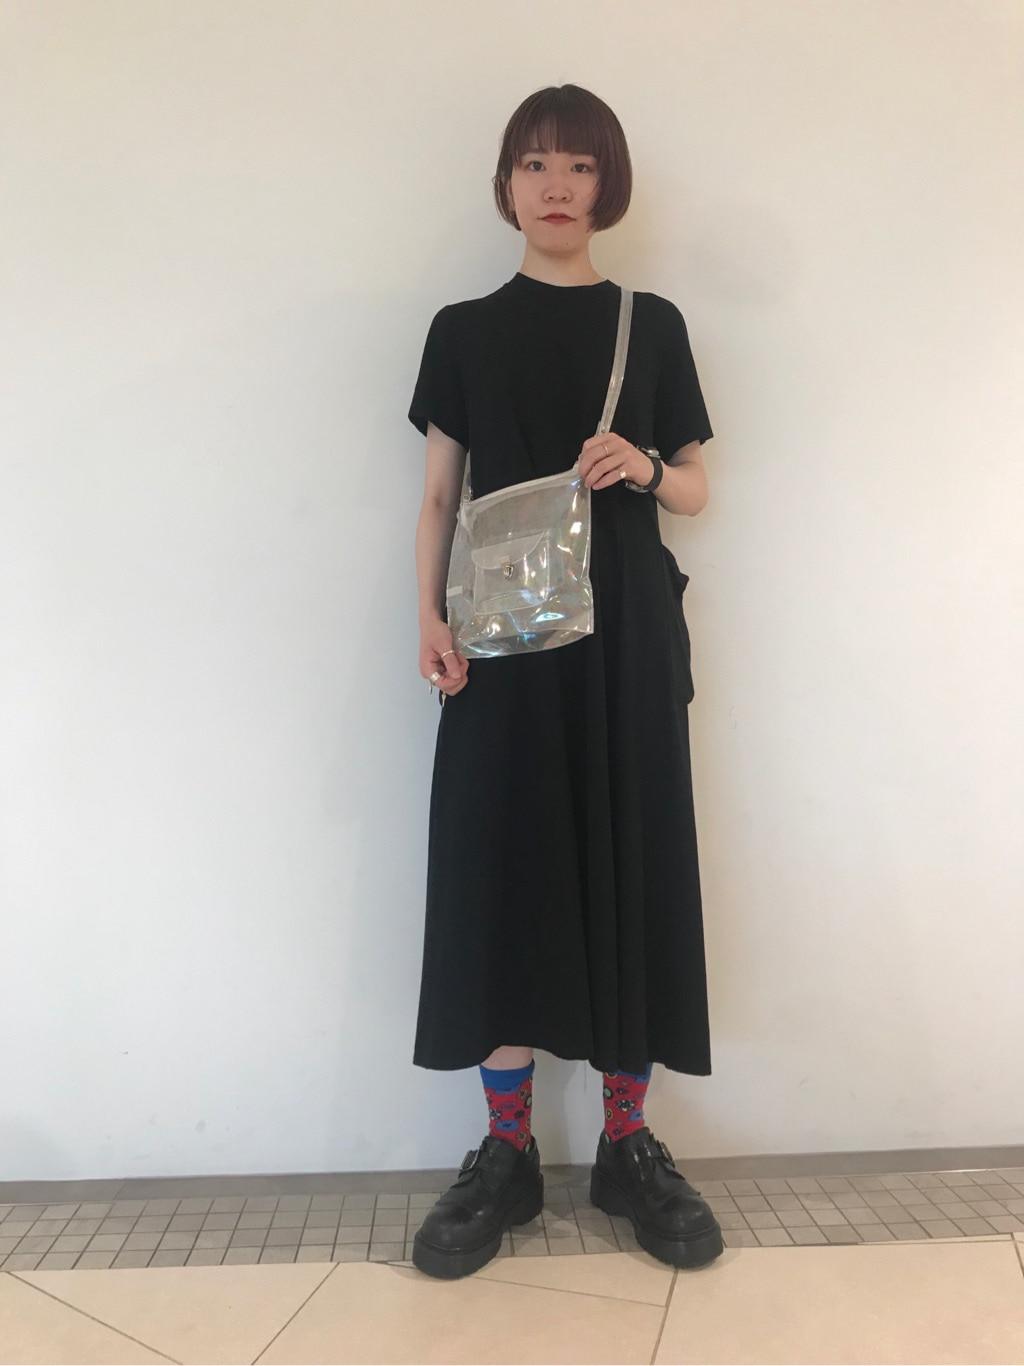 l'atelier du savon 東京スカイツリータウン・ソラマチ 身長:162cm 2020.06.15